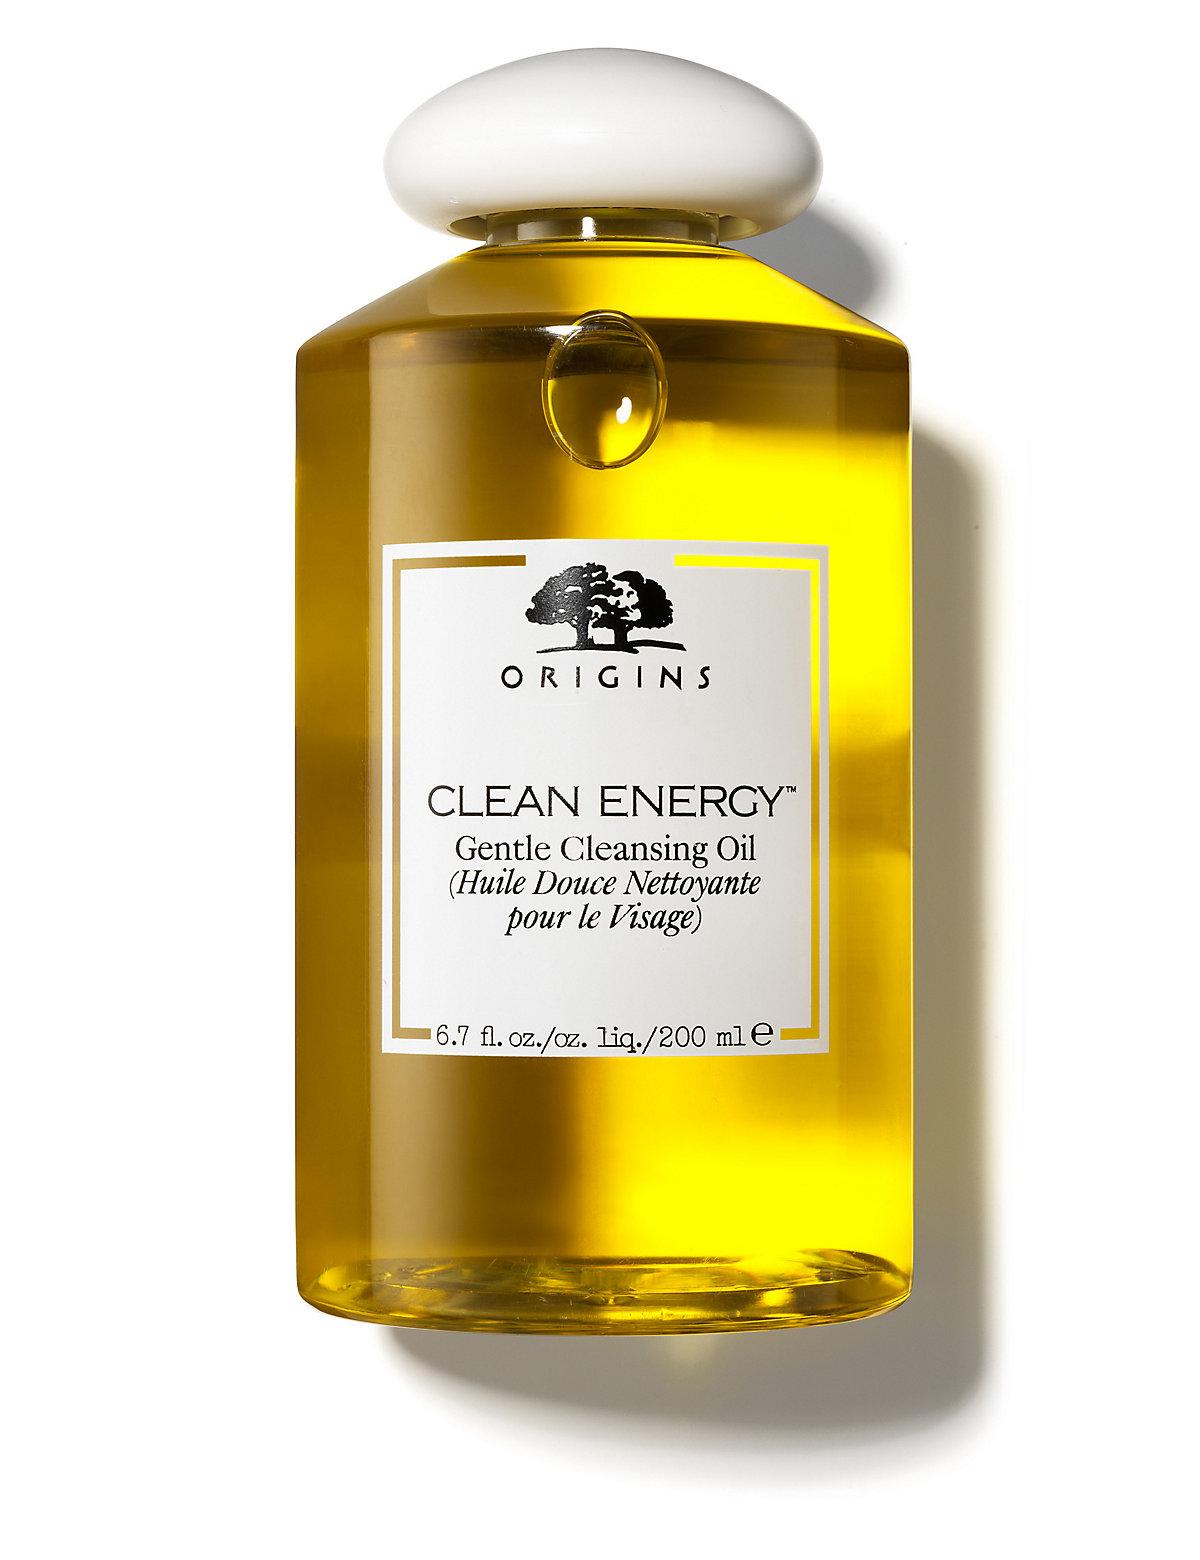 Origins Clean Energy Gentle Cleansing Oil 200ml